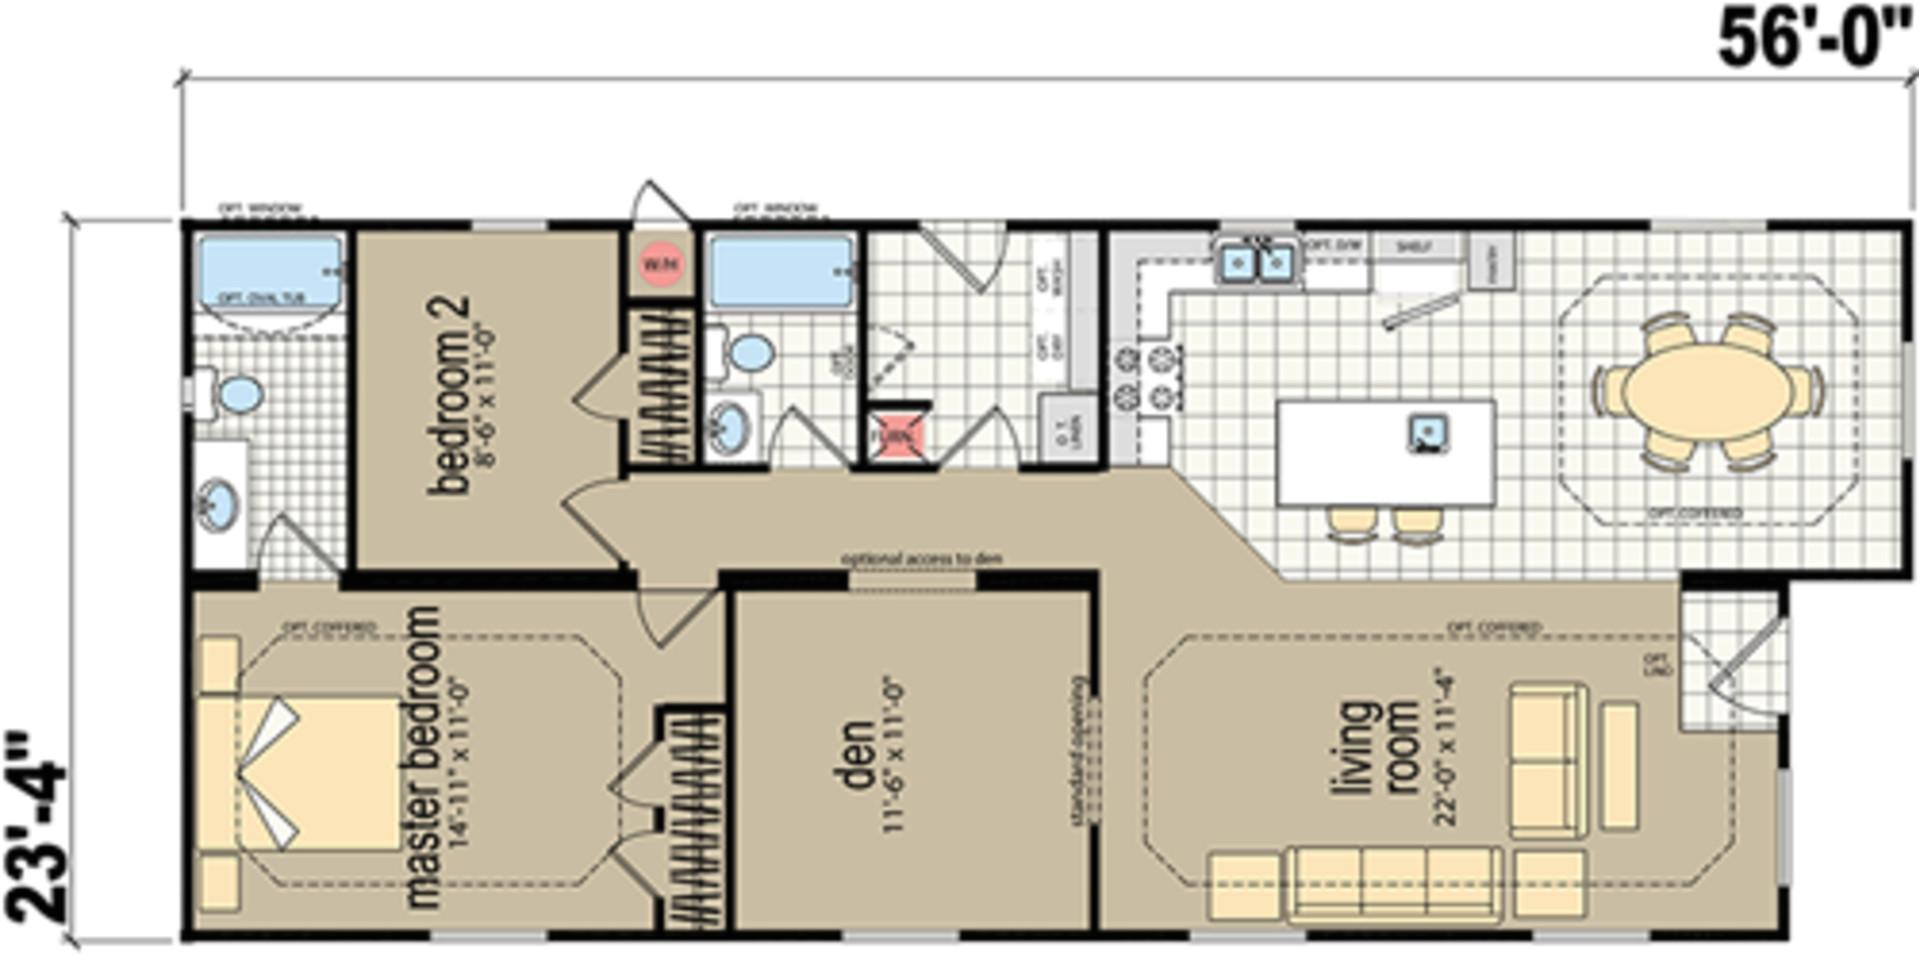 redman floor plans